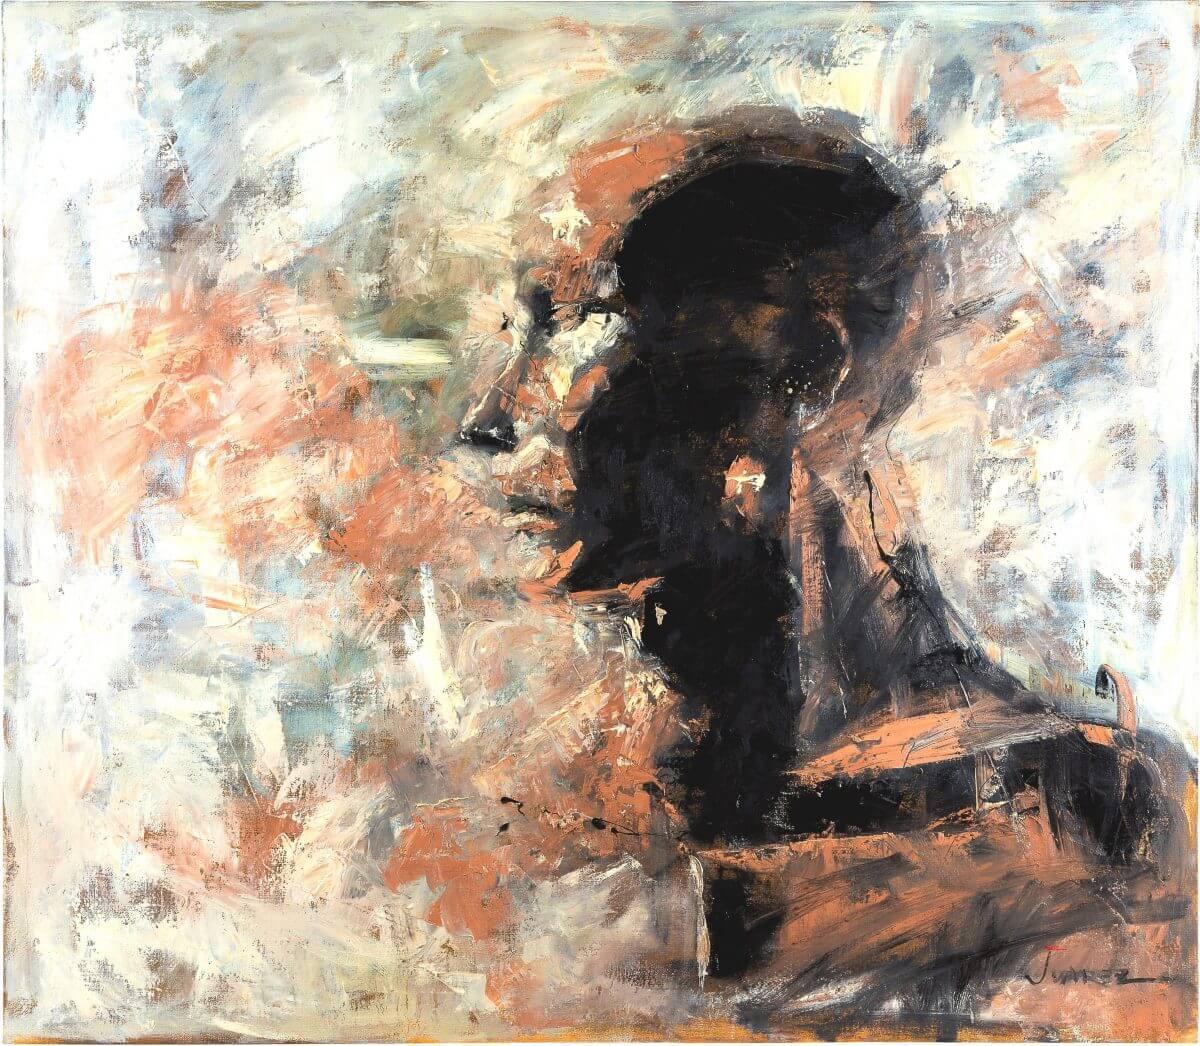 ZOAR, Pintura Original de Joarez Filho em Tela.